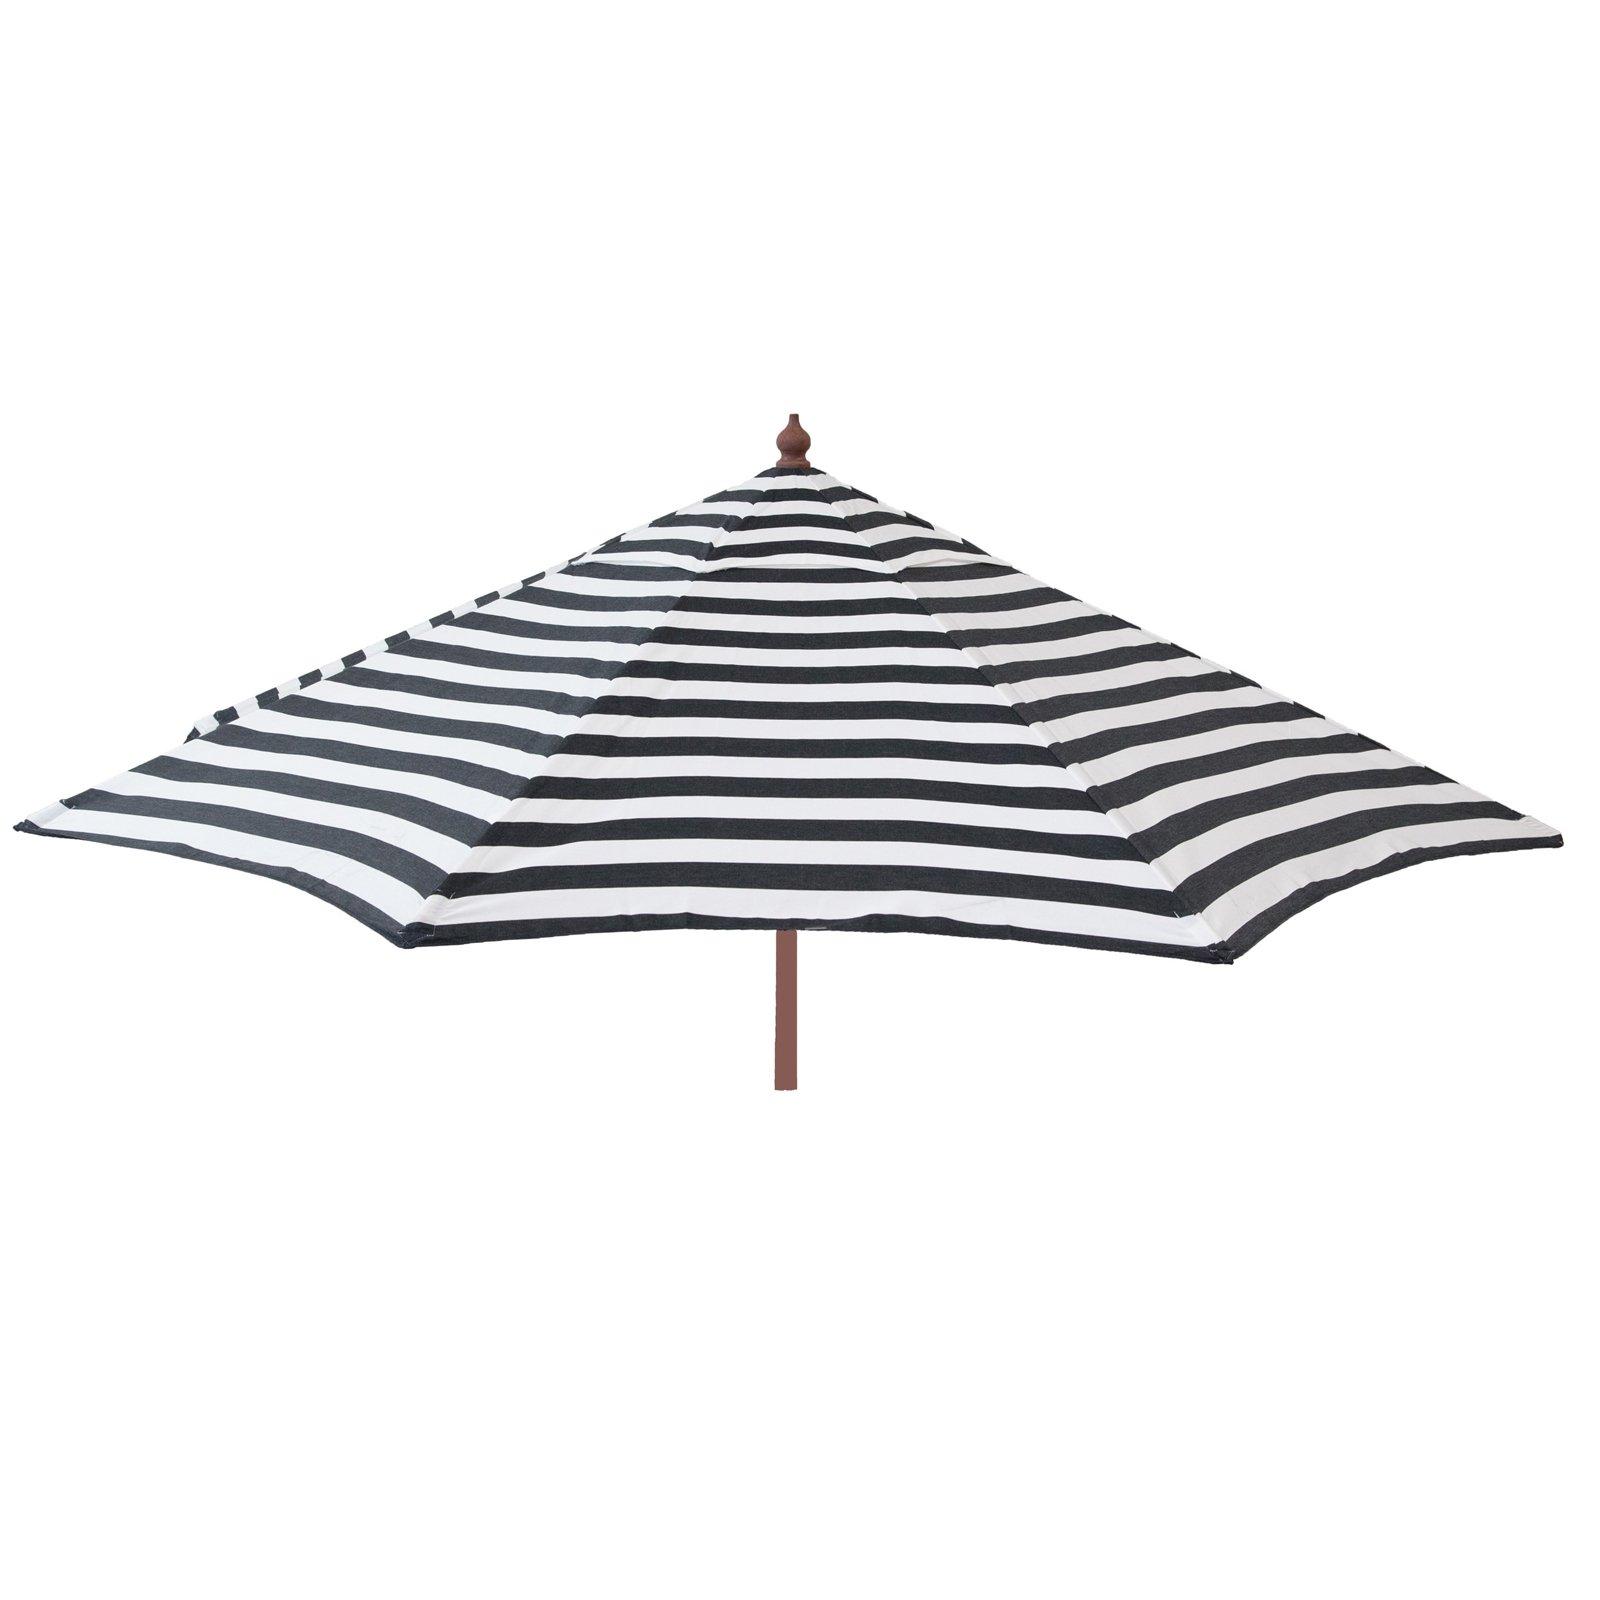 destination gear ft italian patio umbrella  black  white - destination gear ft italian patio umbrella  black and white